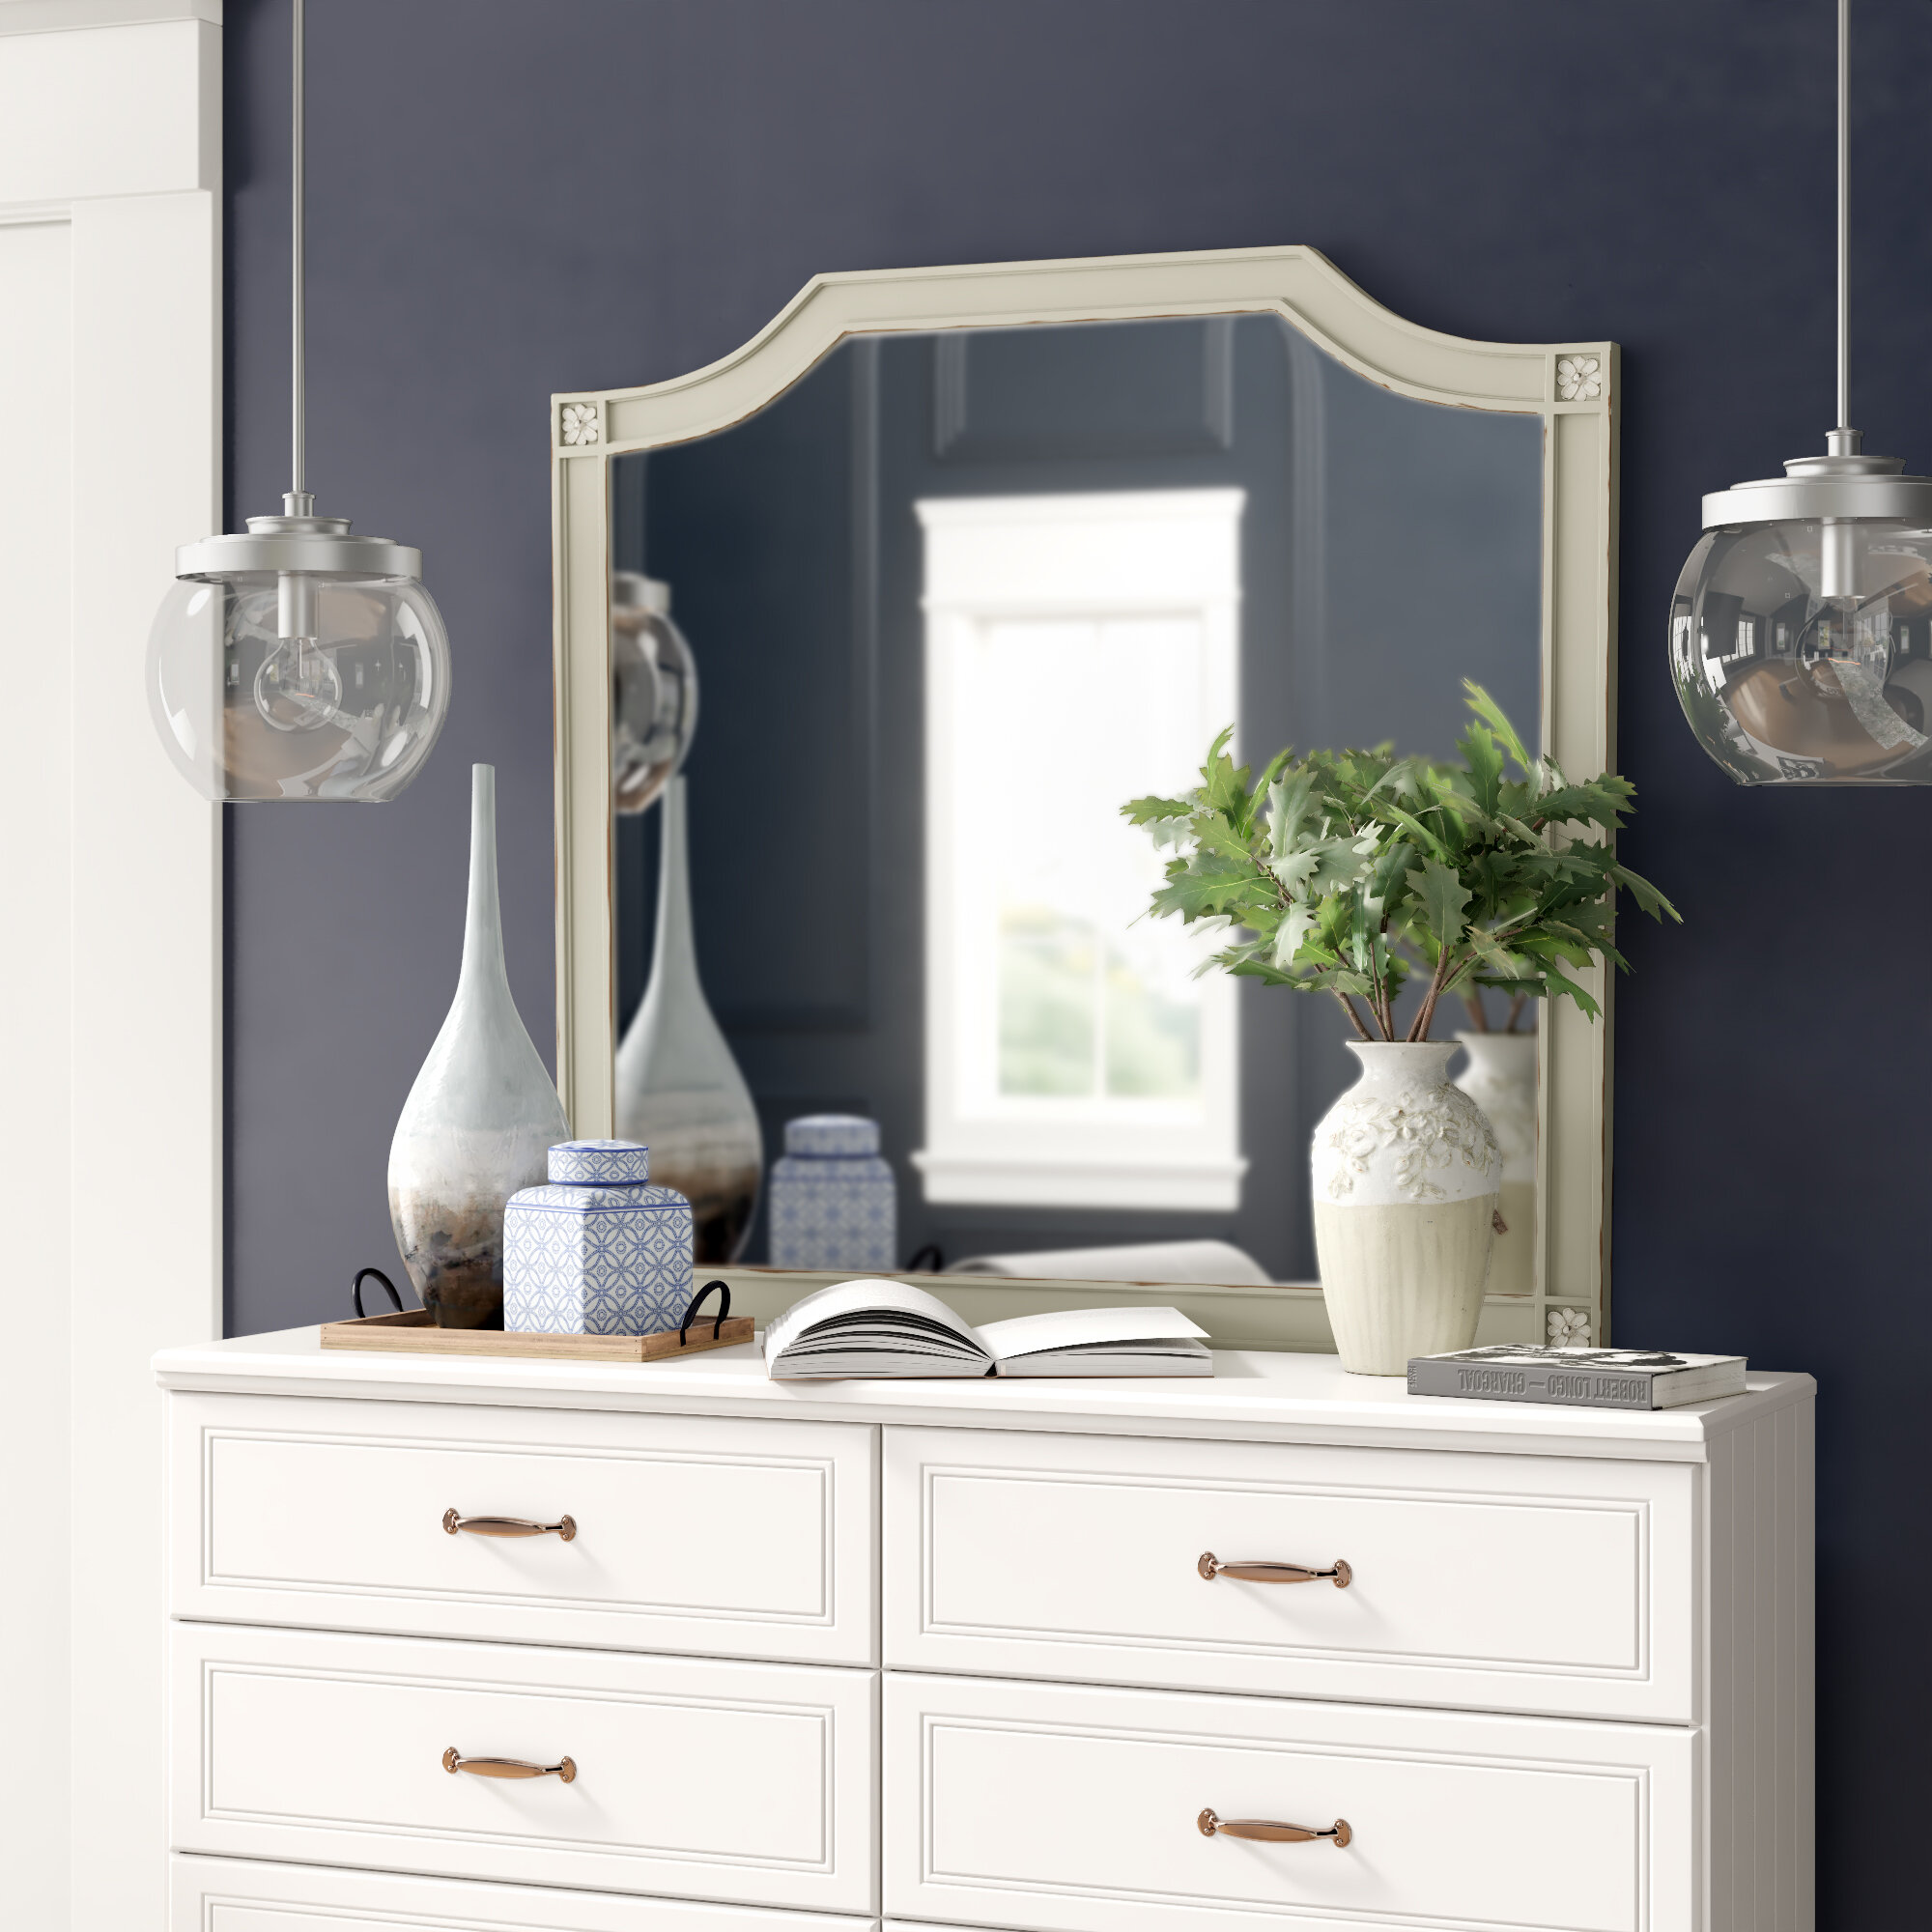 Birch Lane Henrietta Arched Cottage Beveled Distressed Dresser Mirror Reviews Wayfair